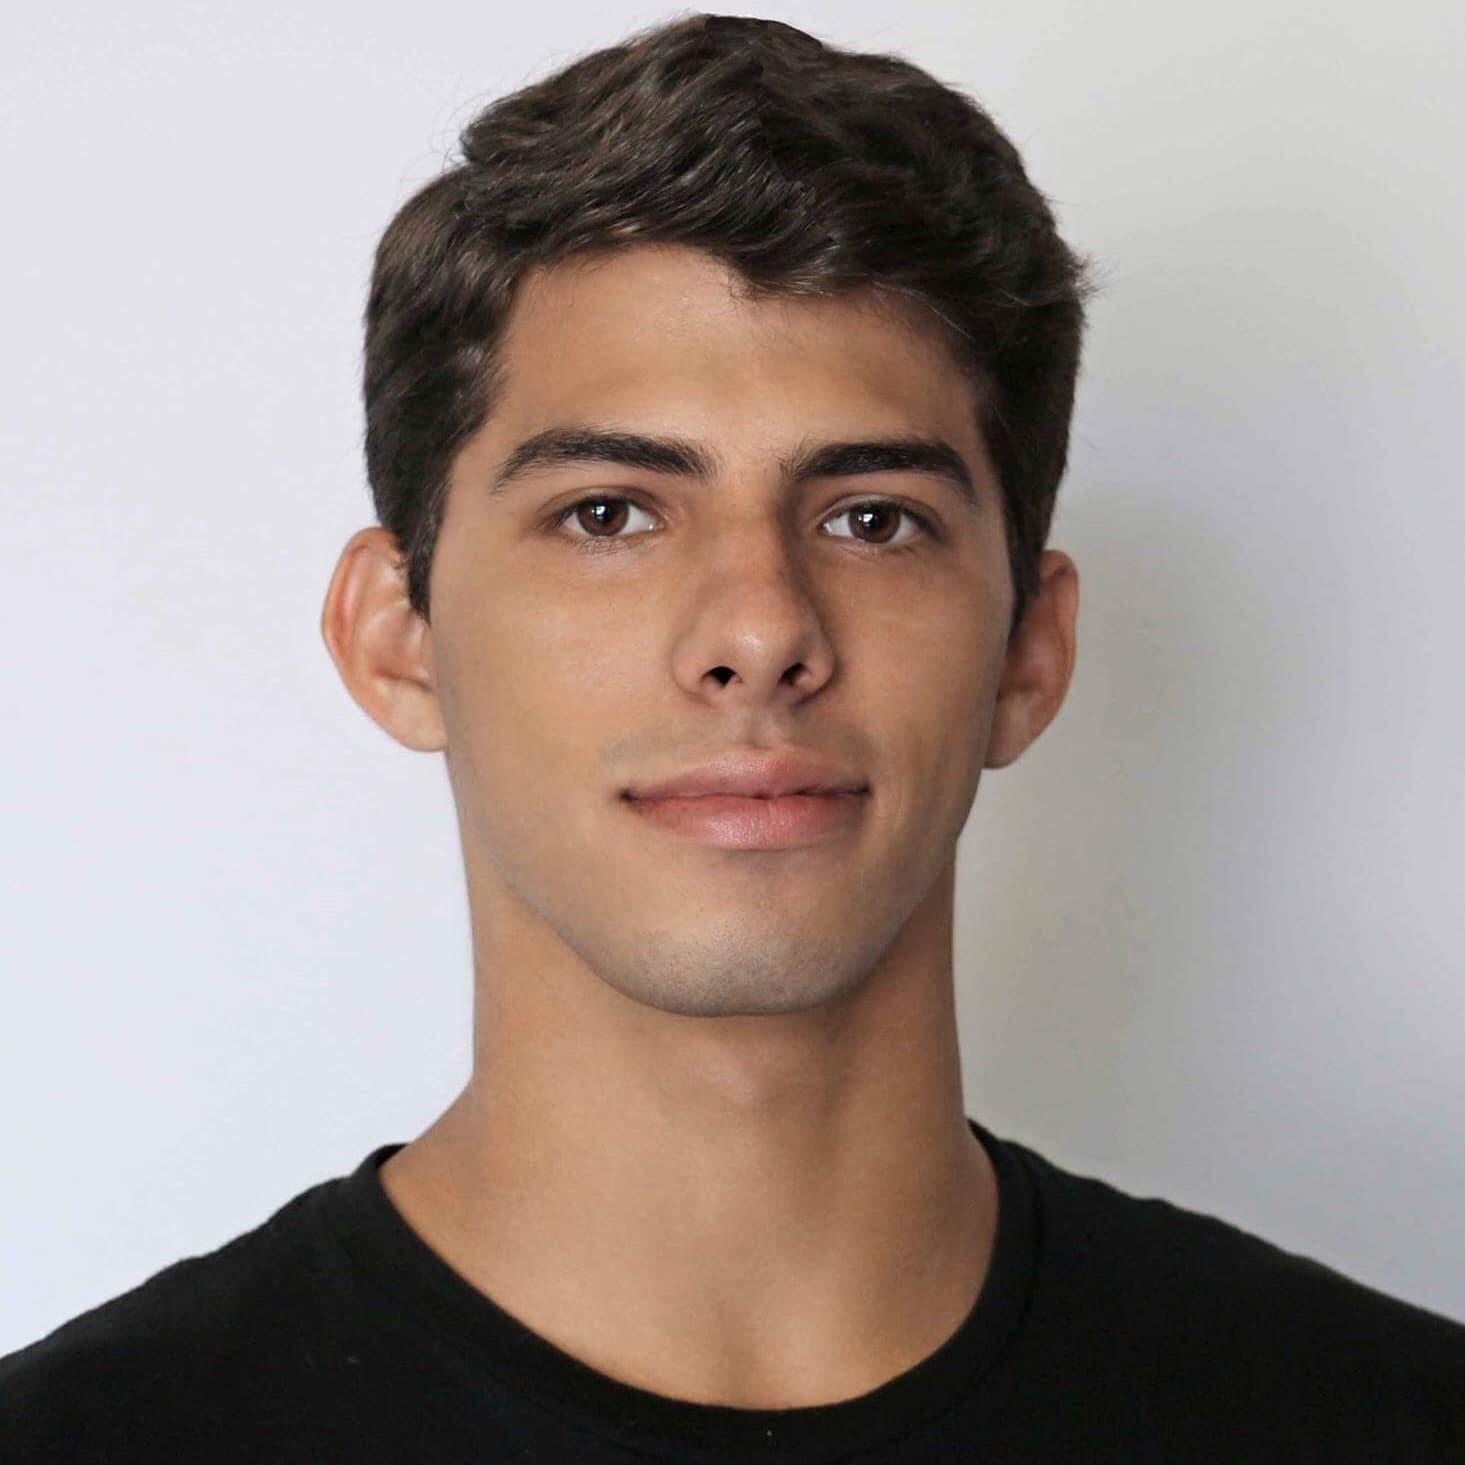 Mariano Zamora Gonzalez (He/Him)